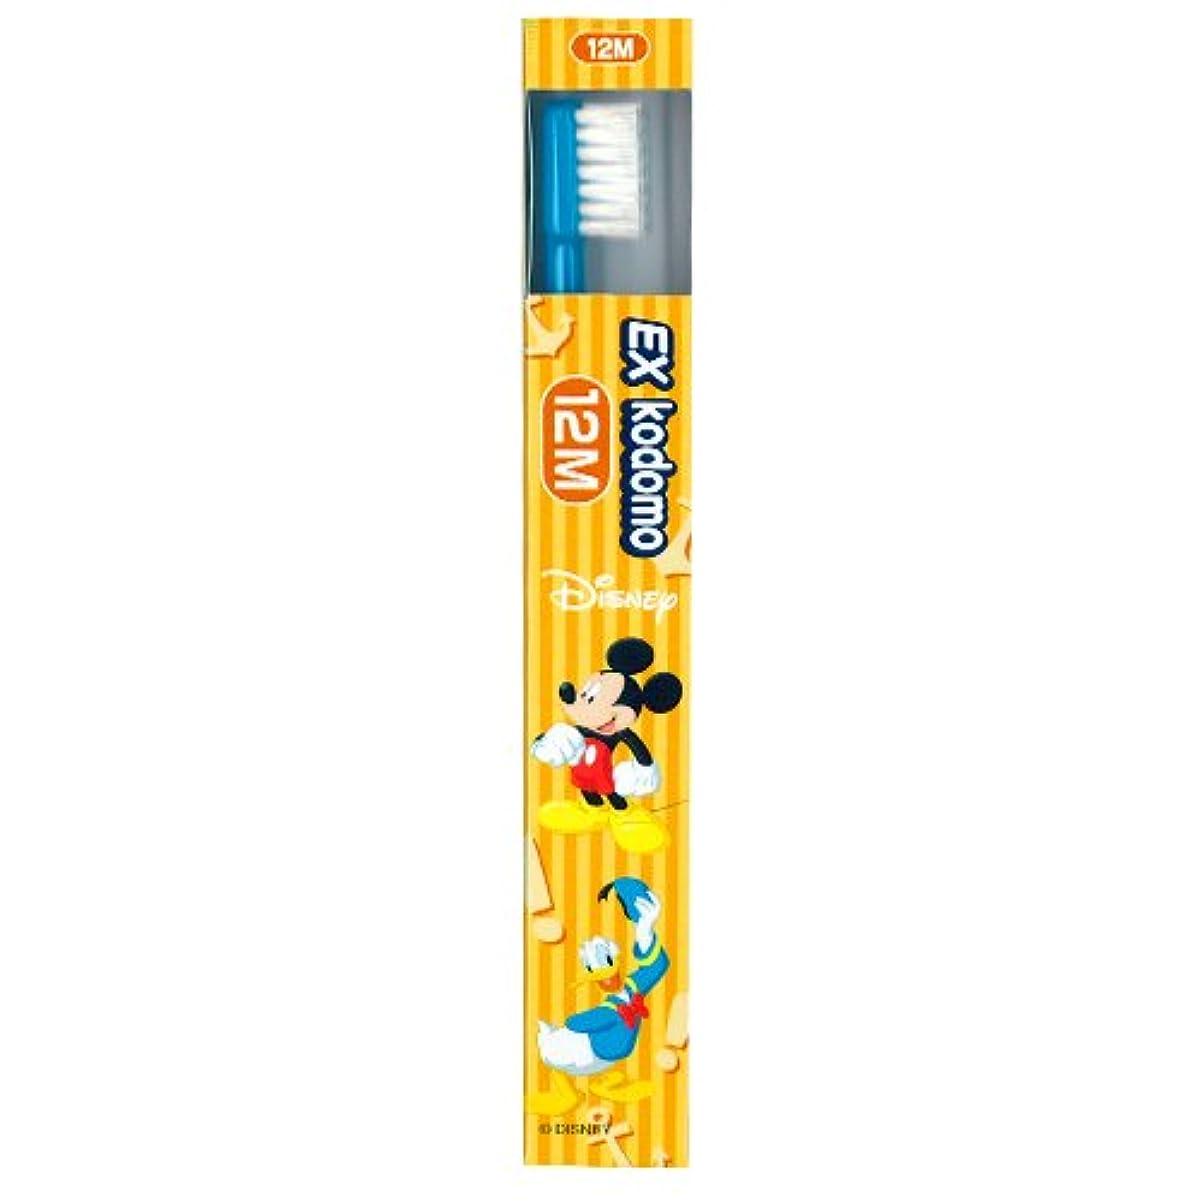 機械的に補助魔術ライオン EX kodomo ディズニー 歯ブラシ 1本 12M ブルー